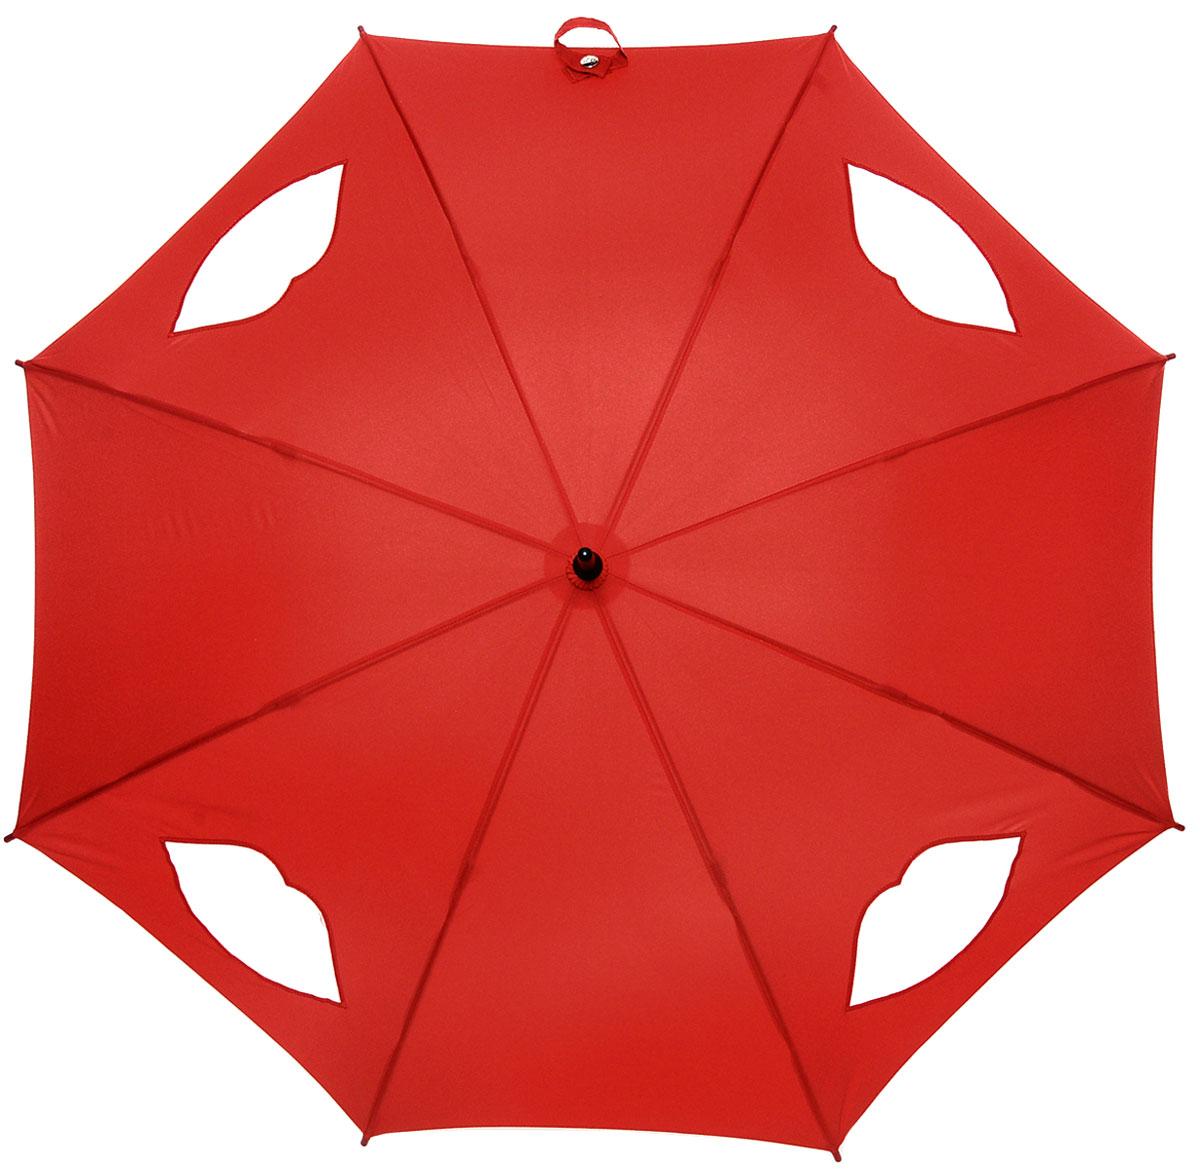 Зонт-трость женский Lulu Guinness Kensington, механический, цвет: темно-красный. L777-27853.7-12 navyМодный механический зонт-трость Fulton Lulu Guinness даже в ненастную погоду позволит вам оставаться стильной и элегантной. Каркас зонта состоит из 8 спиц и стержня из фибергласса. Купол зонта выполнен из прочного полиэстера и оформлен вставками в виде губ, которые выполнены из полупрозрачного материала. Изделие оснащено удобной рукояткой из дерева.Зонт механического сложения: купол открывается и закрывается вручную до характерного щелчка.Модель закрывается при помощи хлястика на кнопке.Такой зонт не только надежно защитит вас от дождя, но и станет стильным аксессуаром, который идеально подчеркнет ваш неповторимый образ.